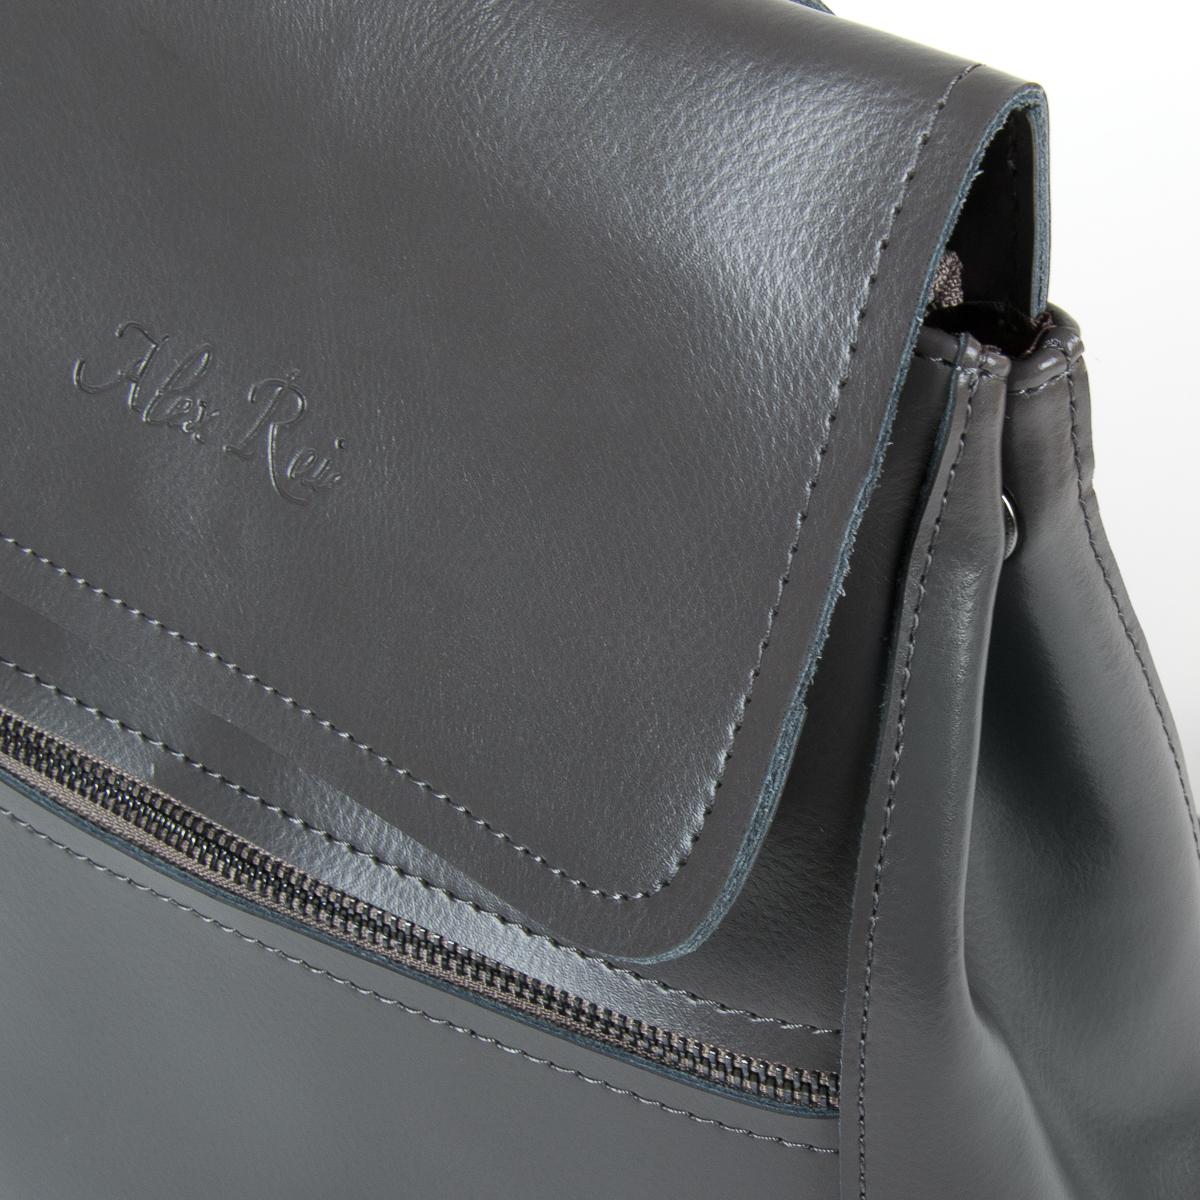 Сумка Женская Рюкзак кожа ALEX RAI 9-01 1005 grey - фото 3